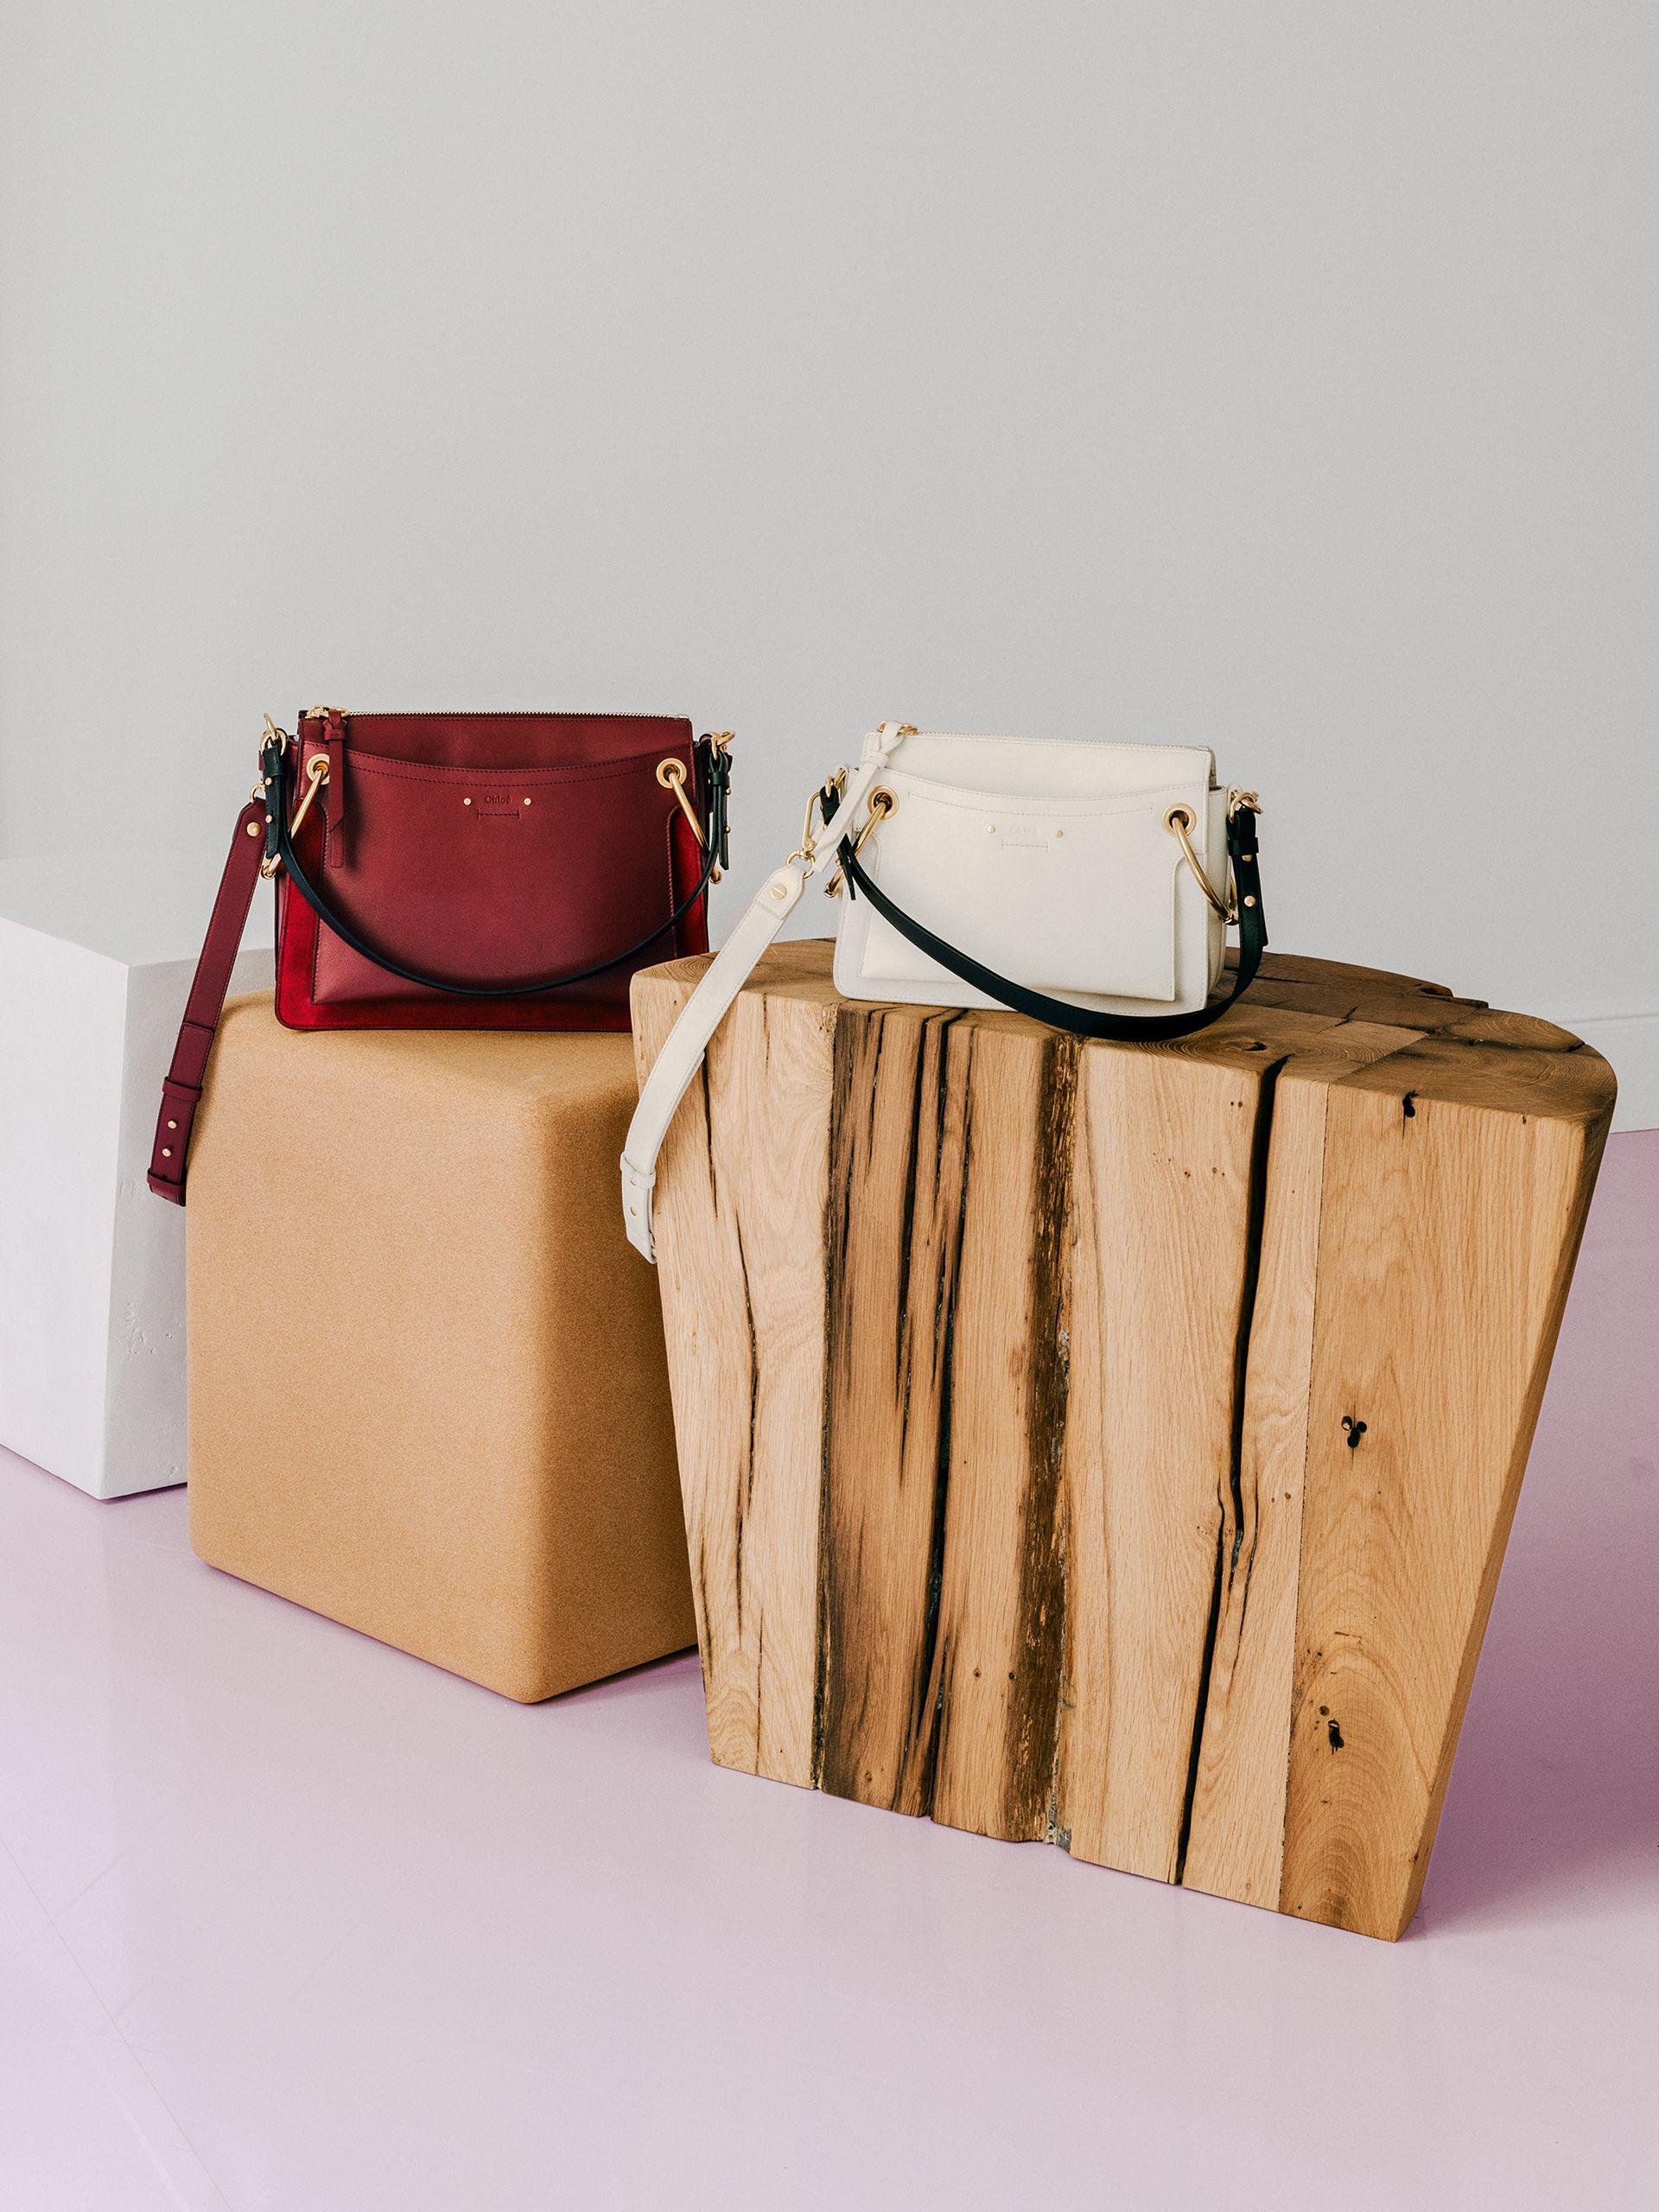 Extrêmement Chloé Official Website | Shop | Bags & Charms FJ13